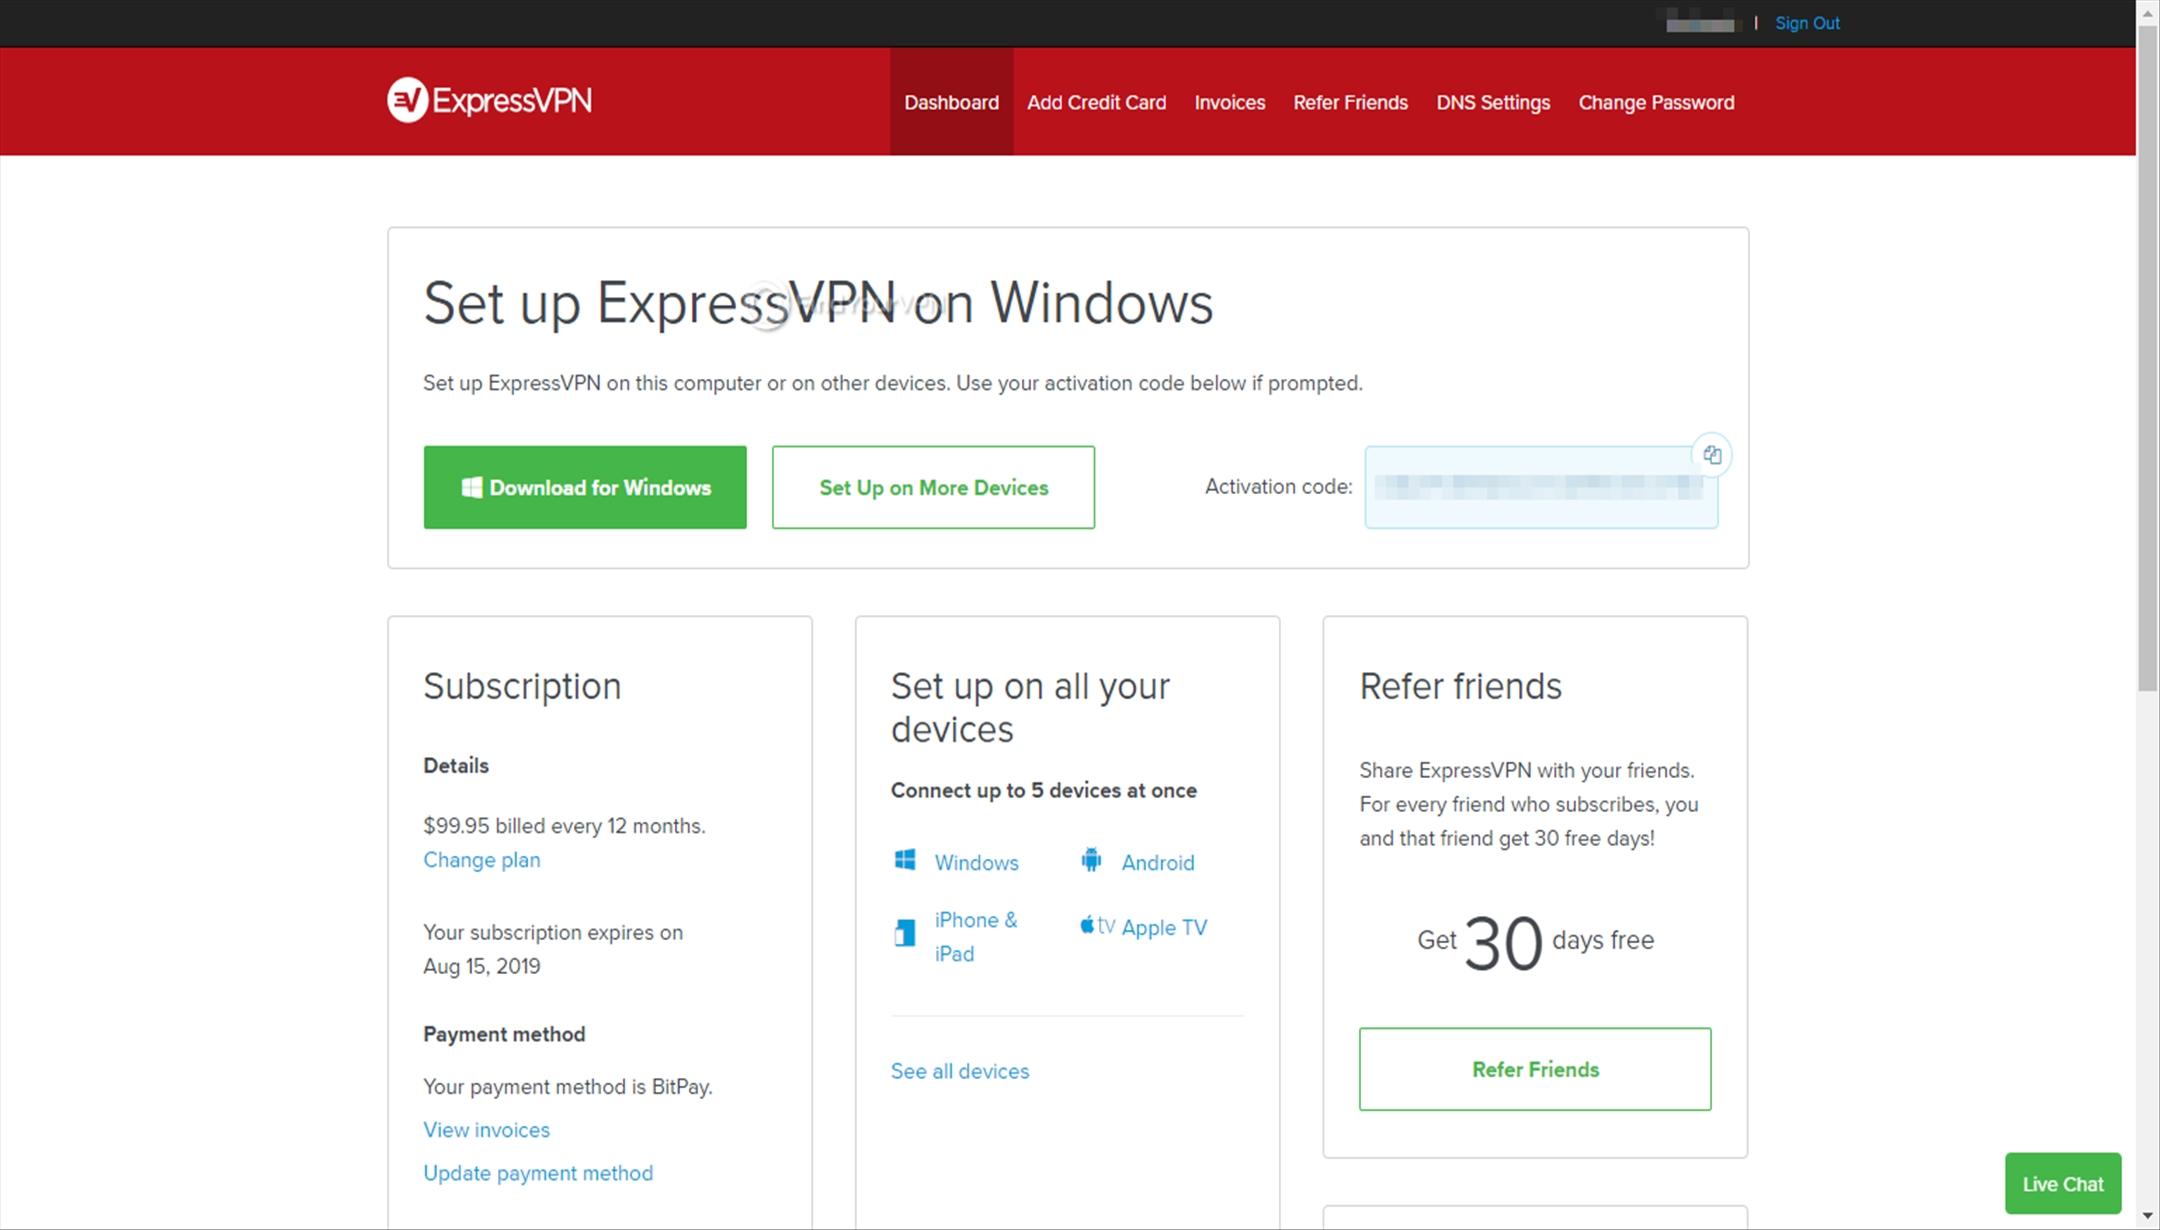 ExpressVPN Dashboard